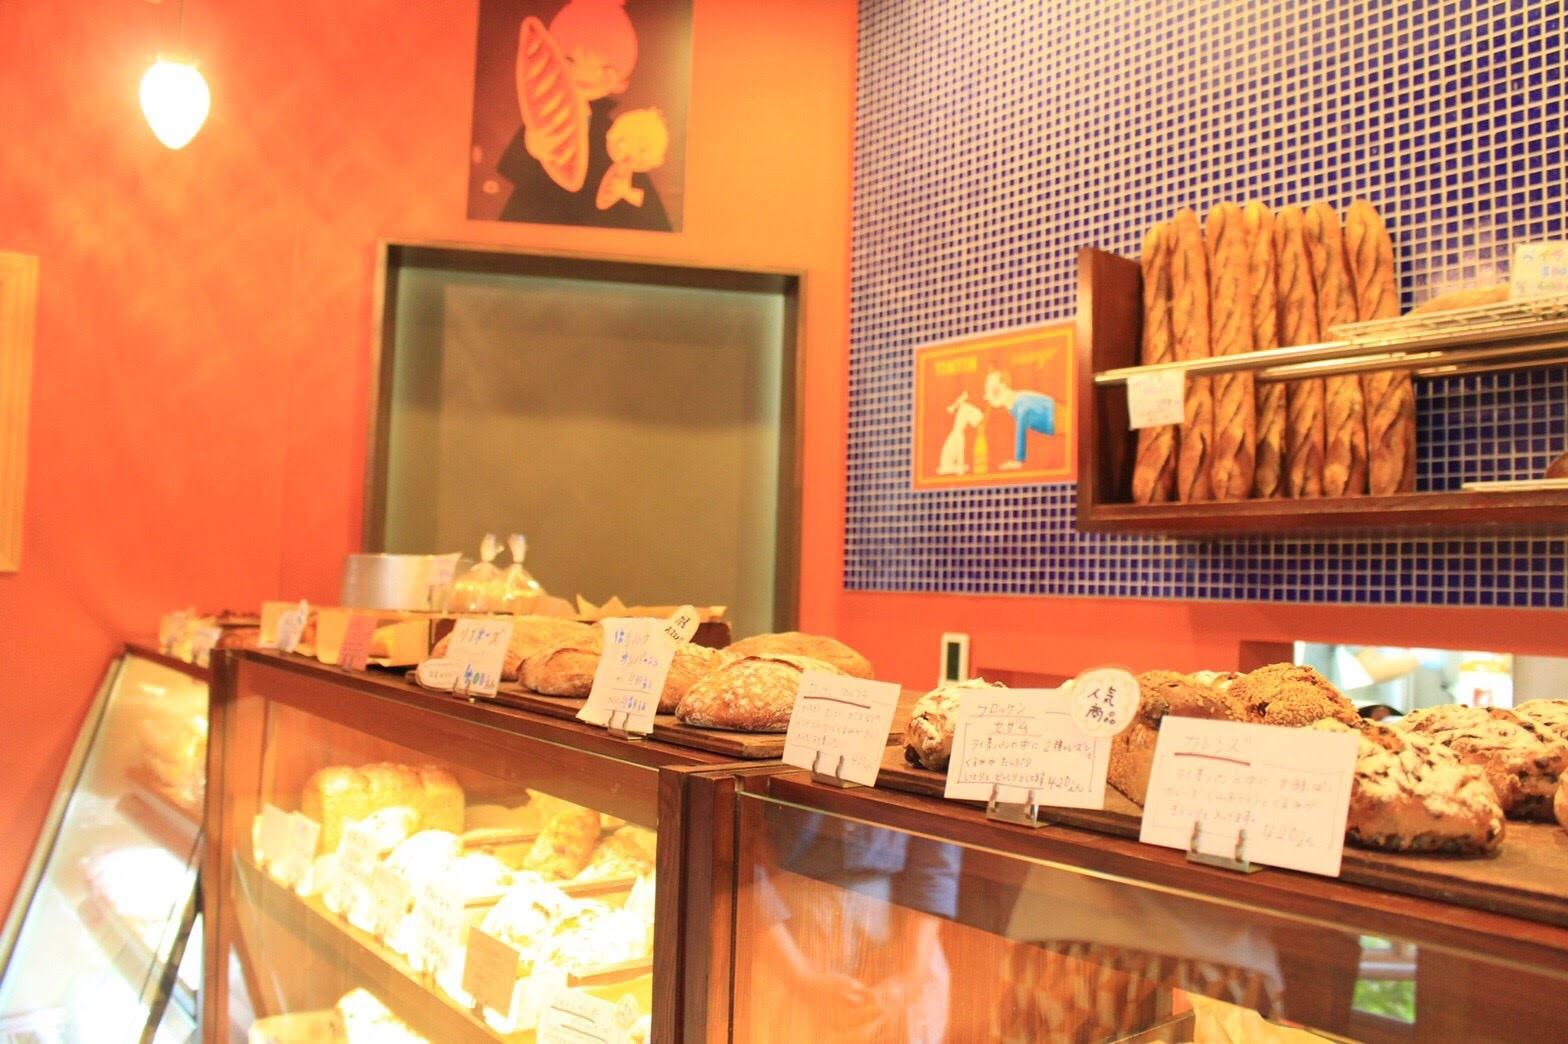 Montana bakery